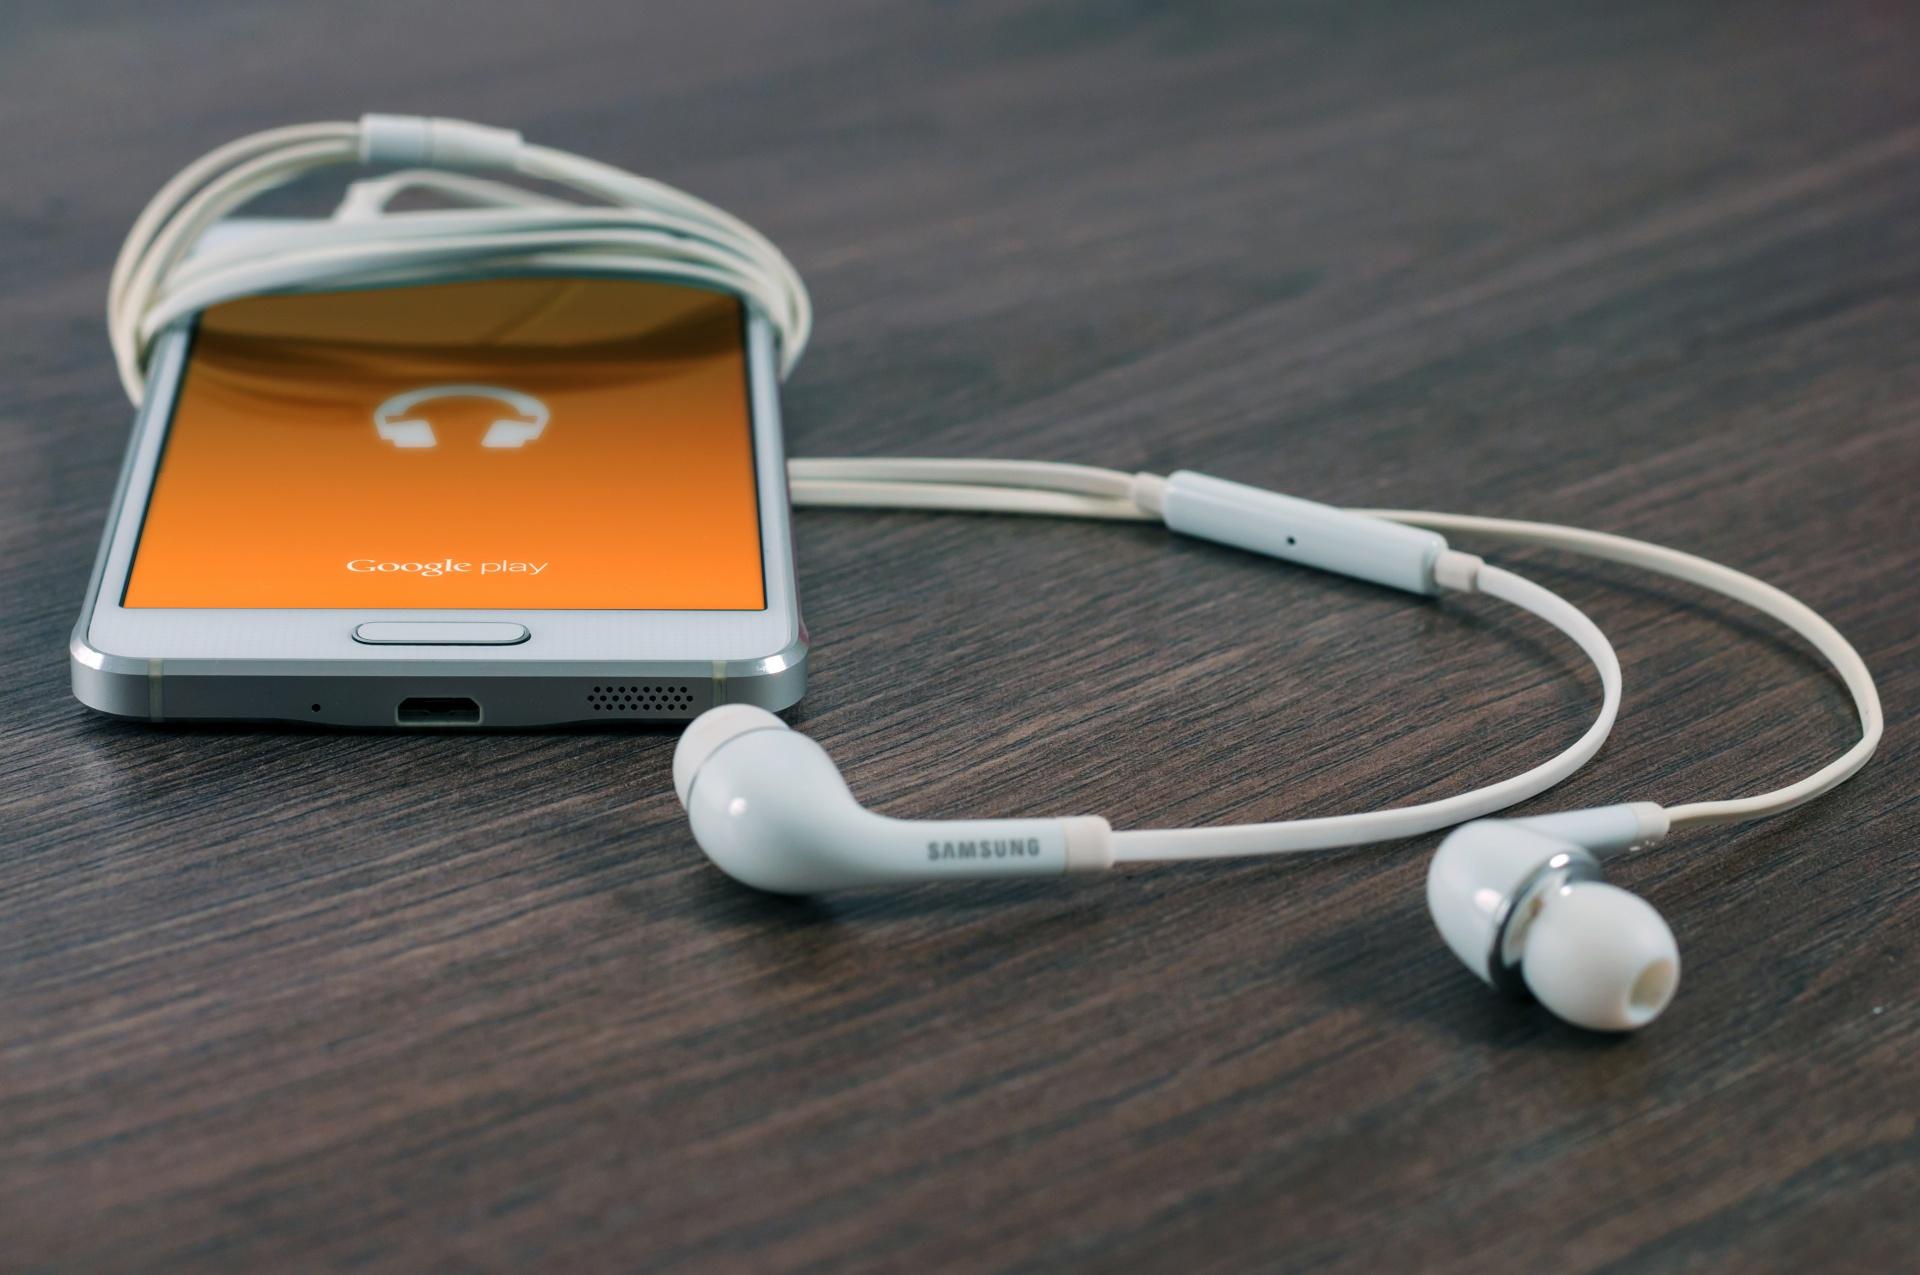 Le smartphone, écran favori pour surfer sur les applications et sites de radio